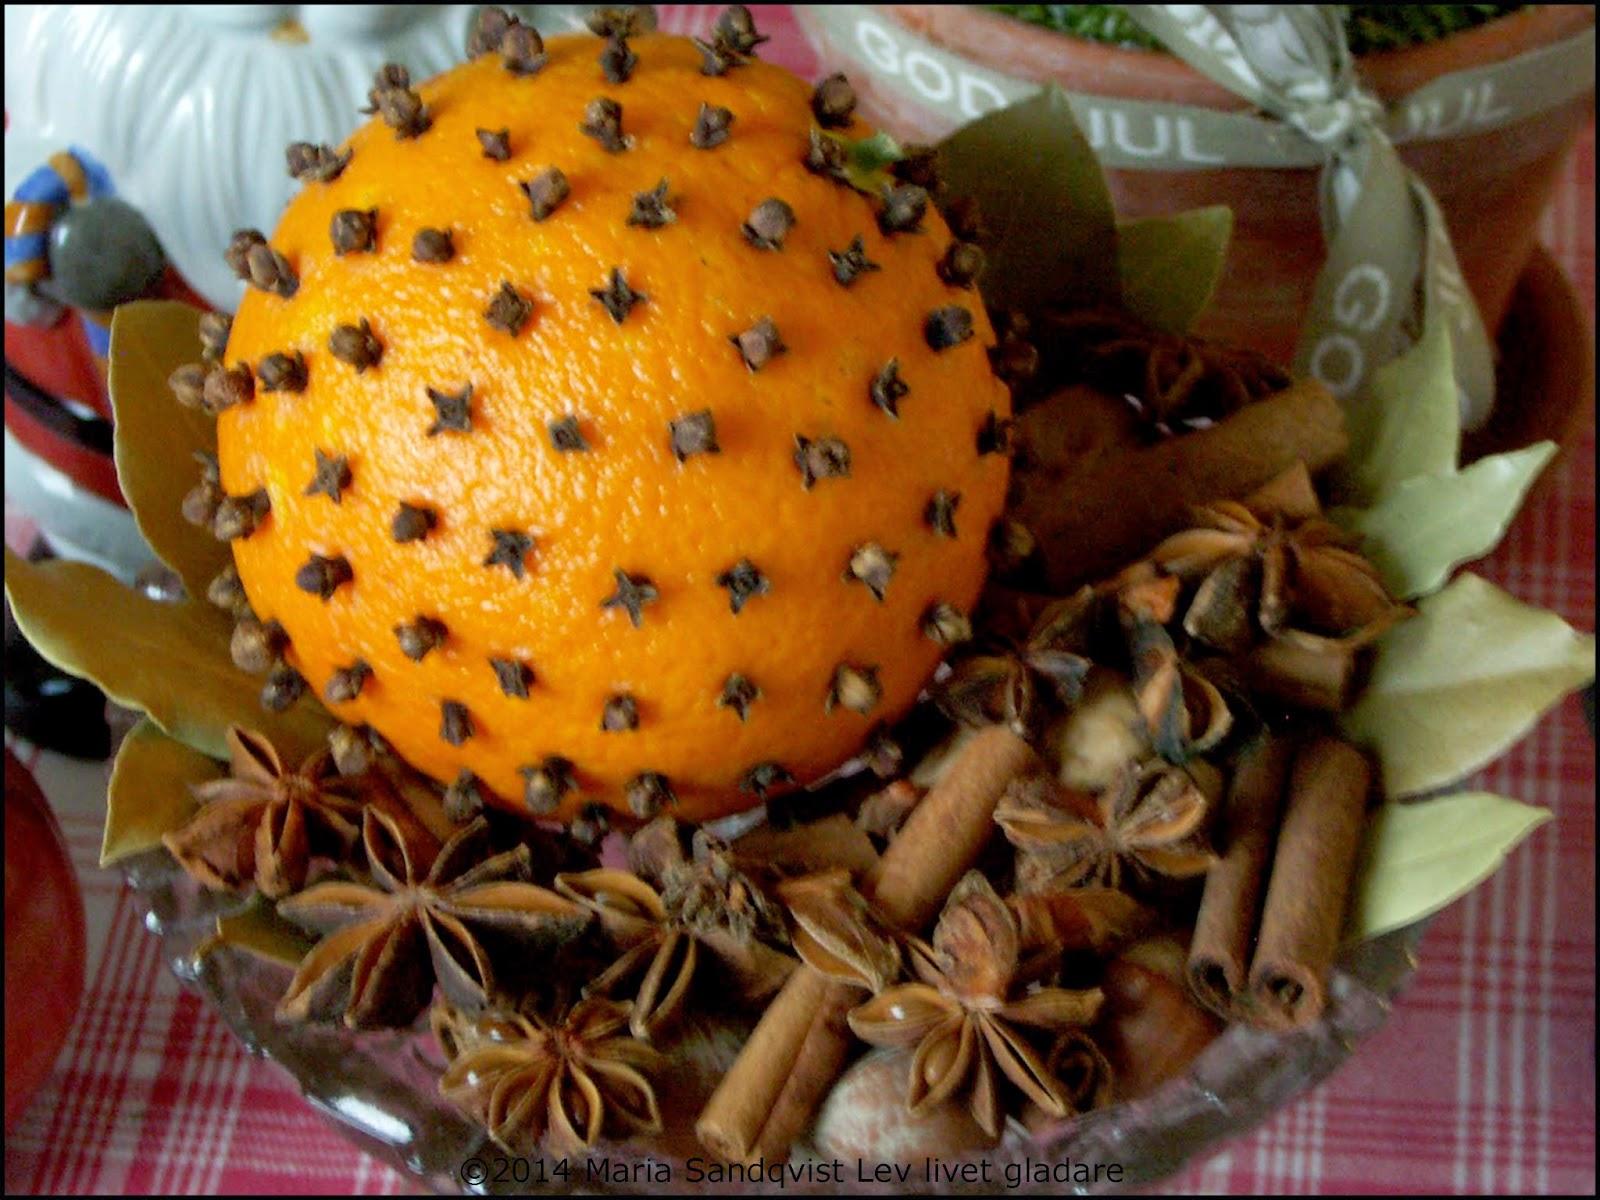 Bildresultat för lev livet gladare kryddnejlikor